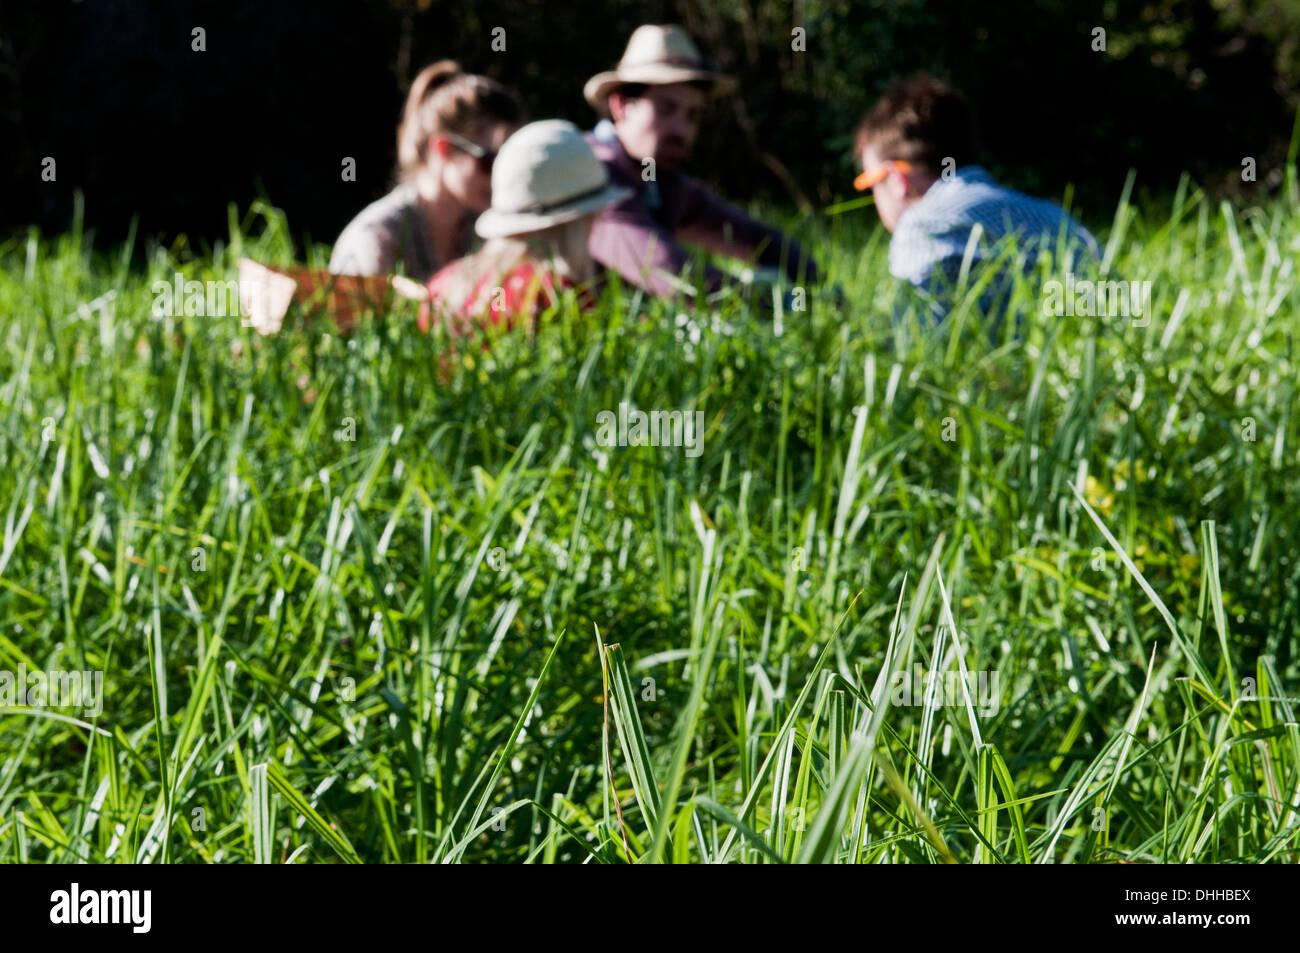 Gruppo di amici avente picnic in erba lunga Immagini Stock